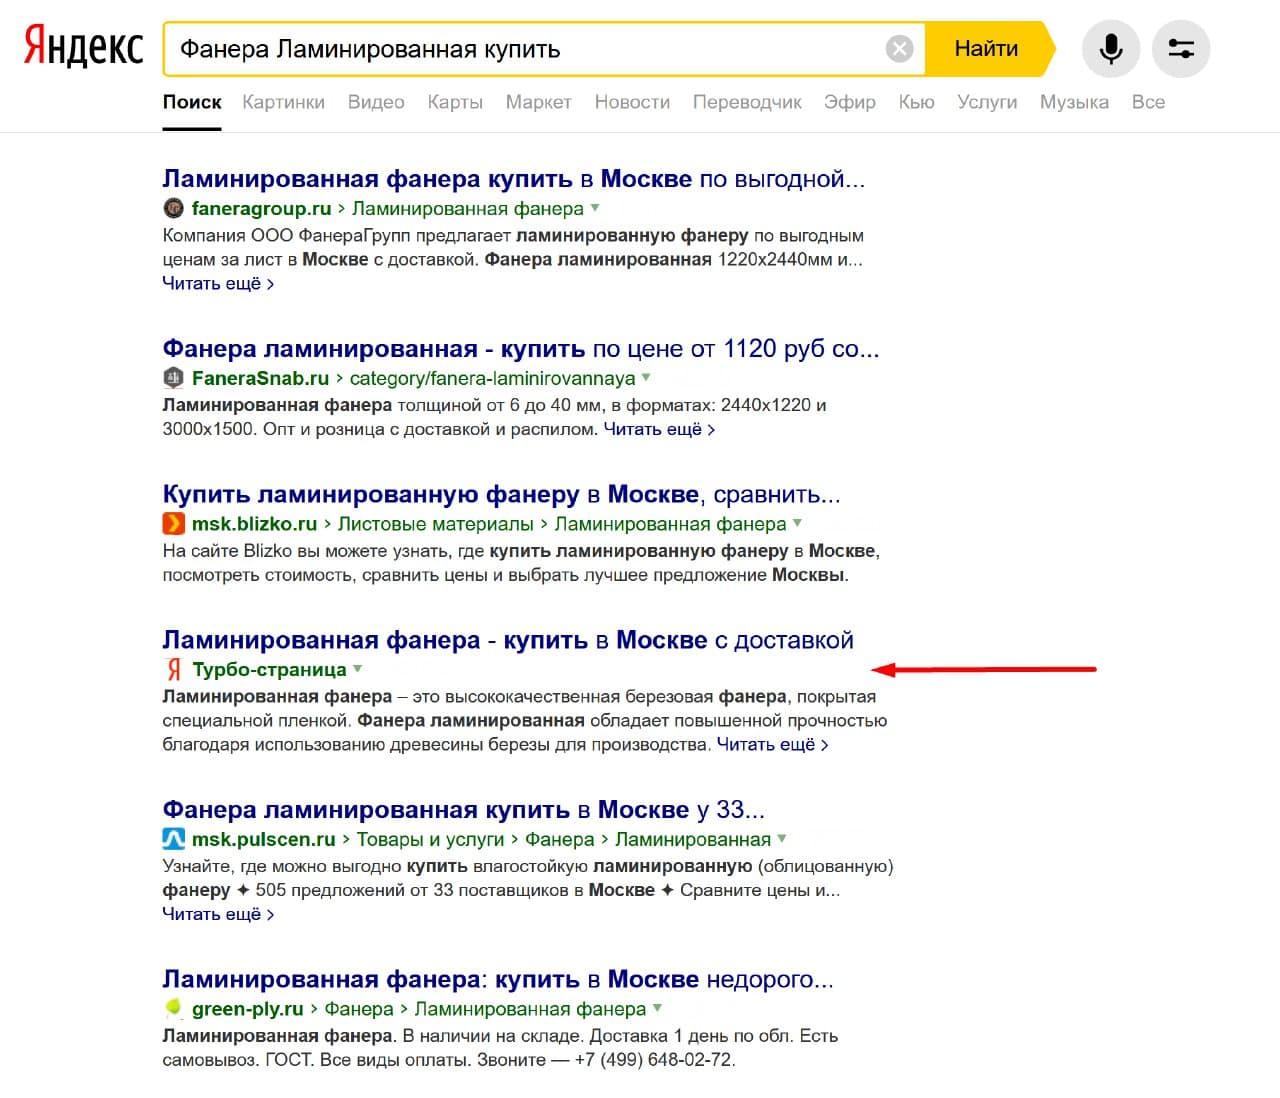 Яндекс стал показывать отдельные турбо-страницы в органической выдаче